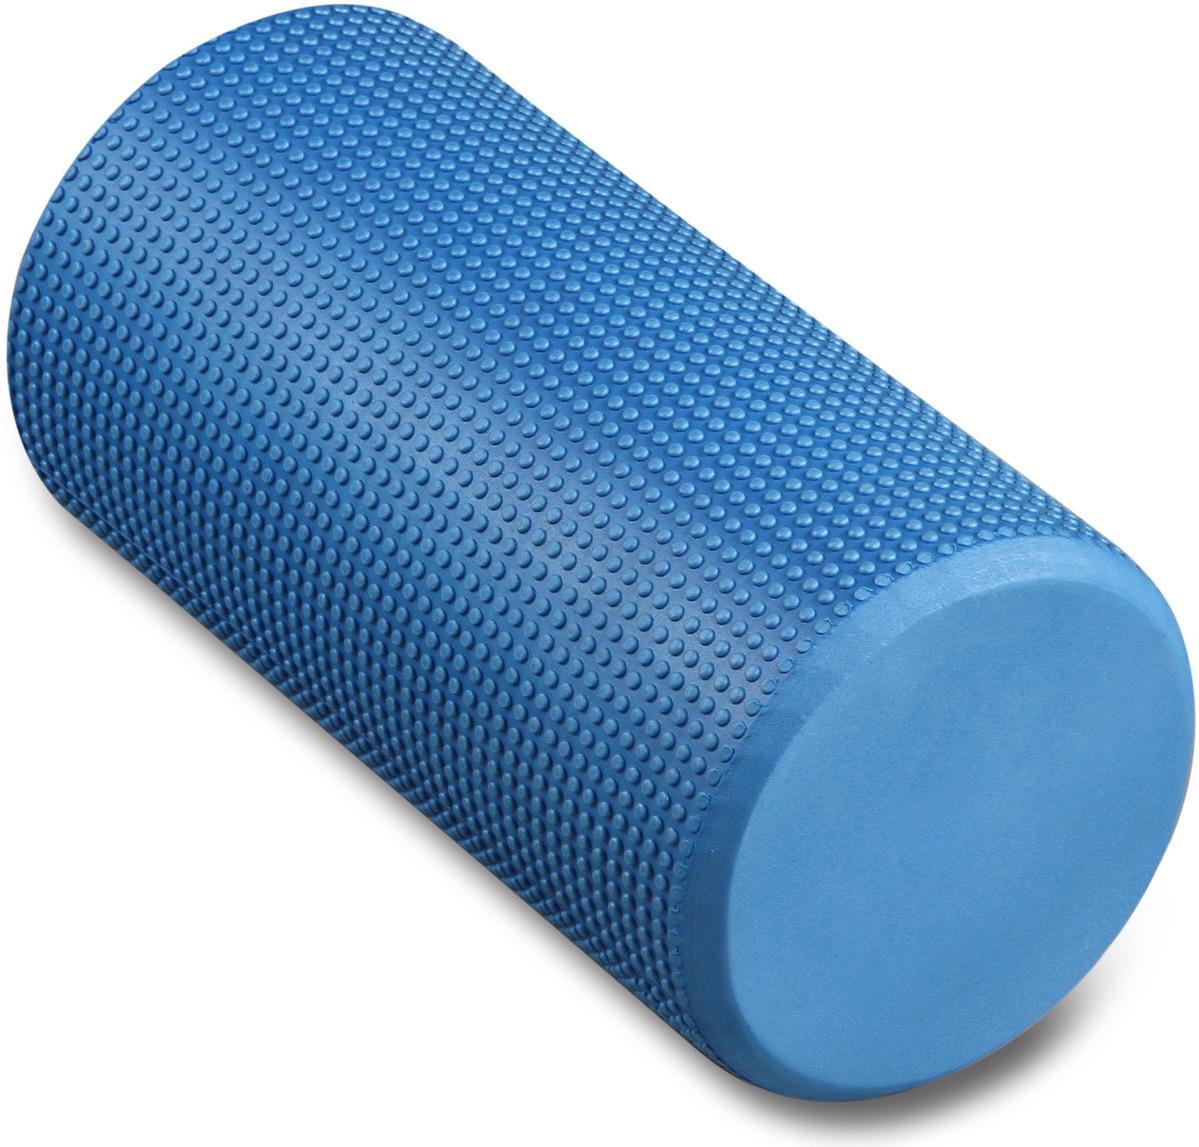 Ролик массажный для йоги Indigo, голубой, 15 х 30 см утяжелитель браслет для рук и ног indigo 2 шт х 0 1 кг